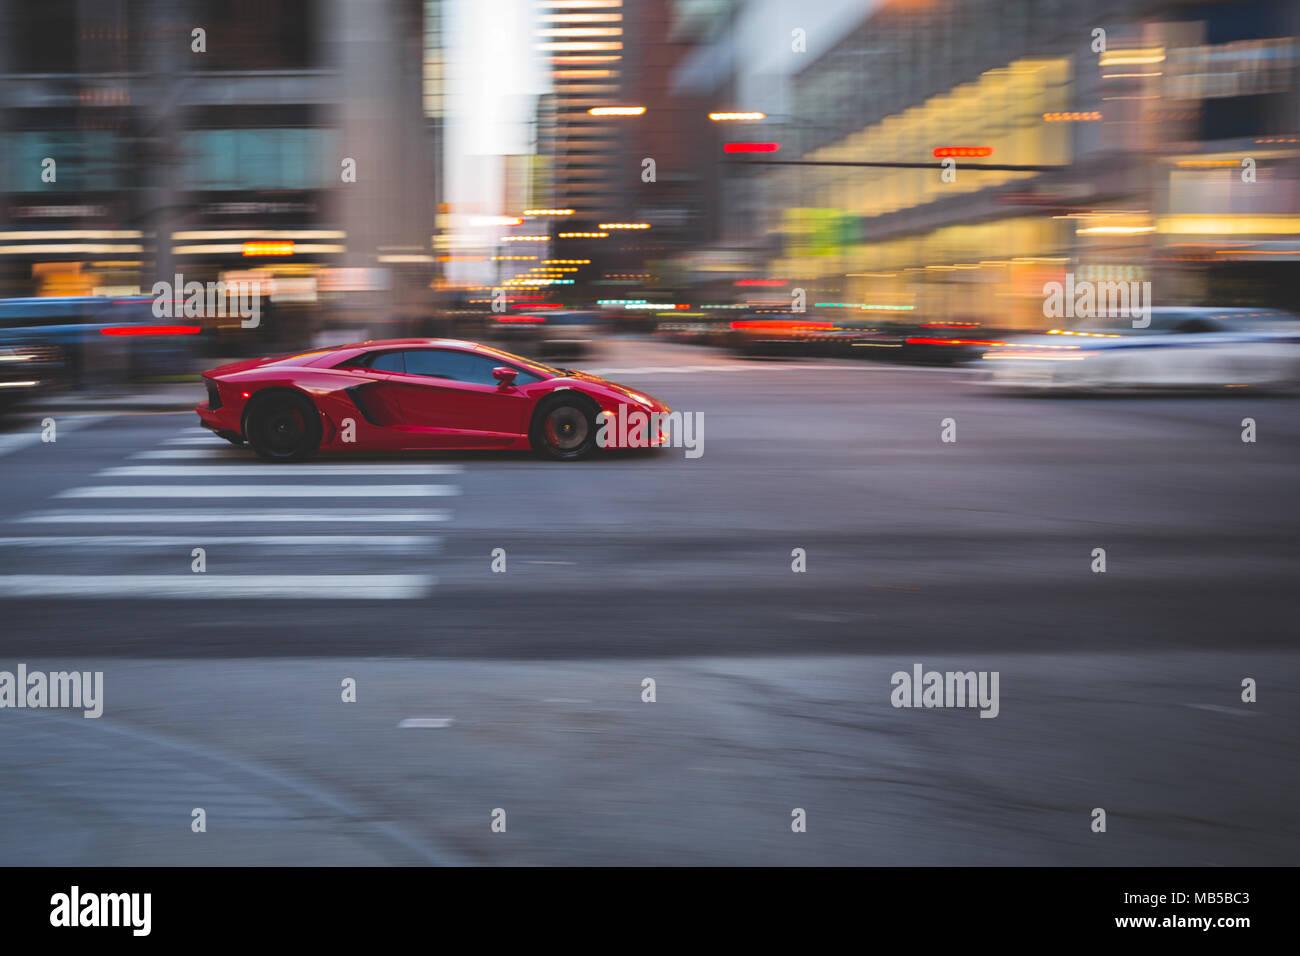 Lamborghini Aventador In Motion Driving On Michigan Avenue